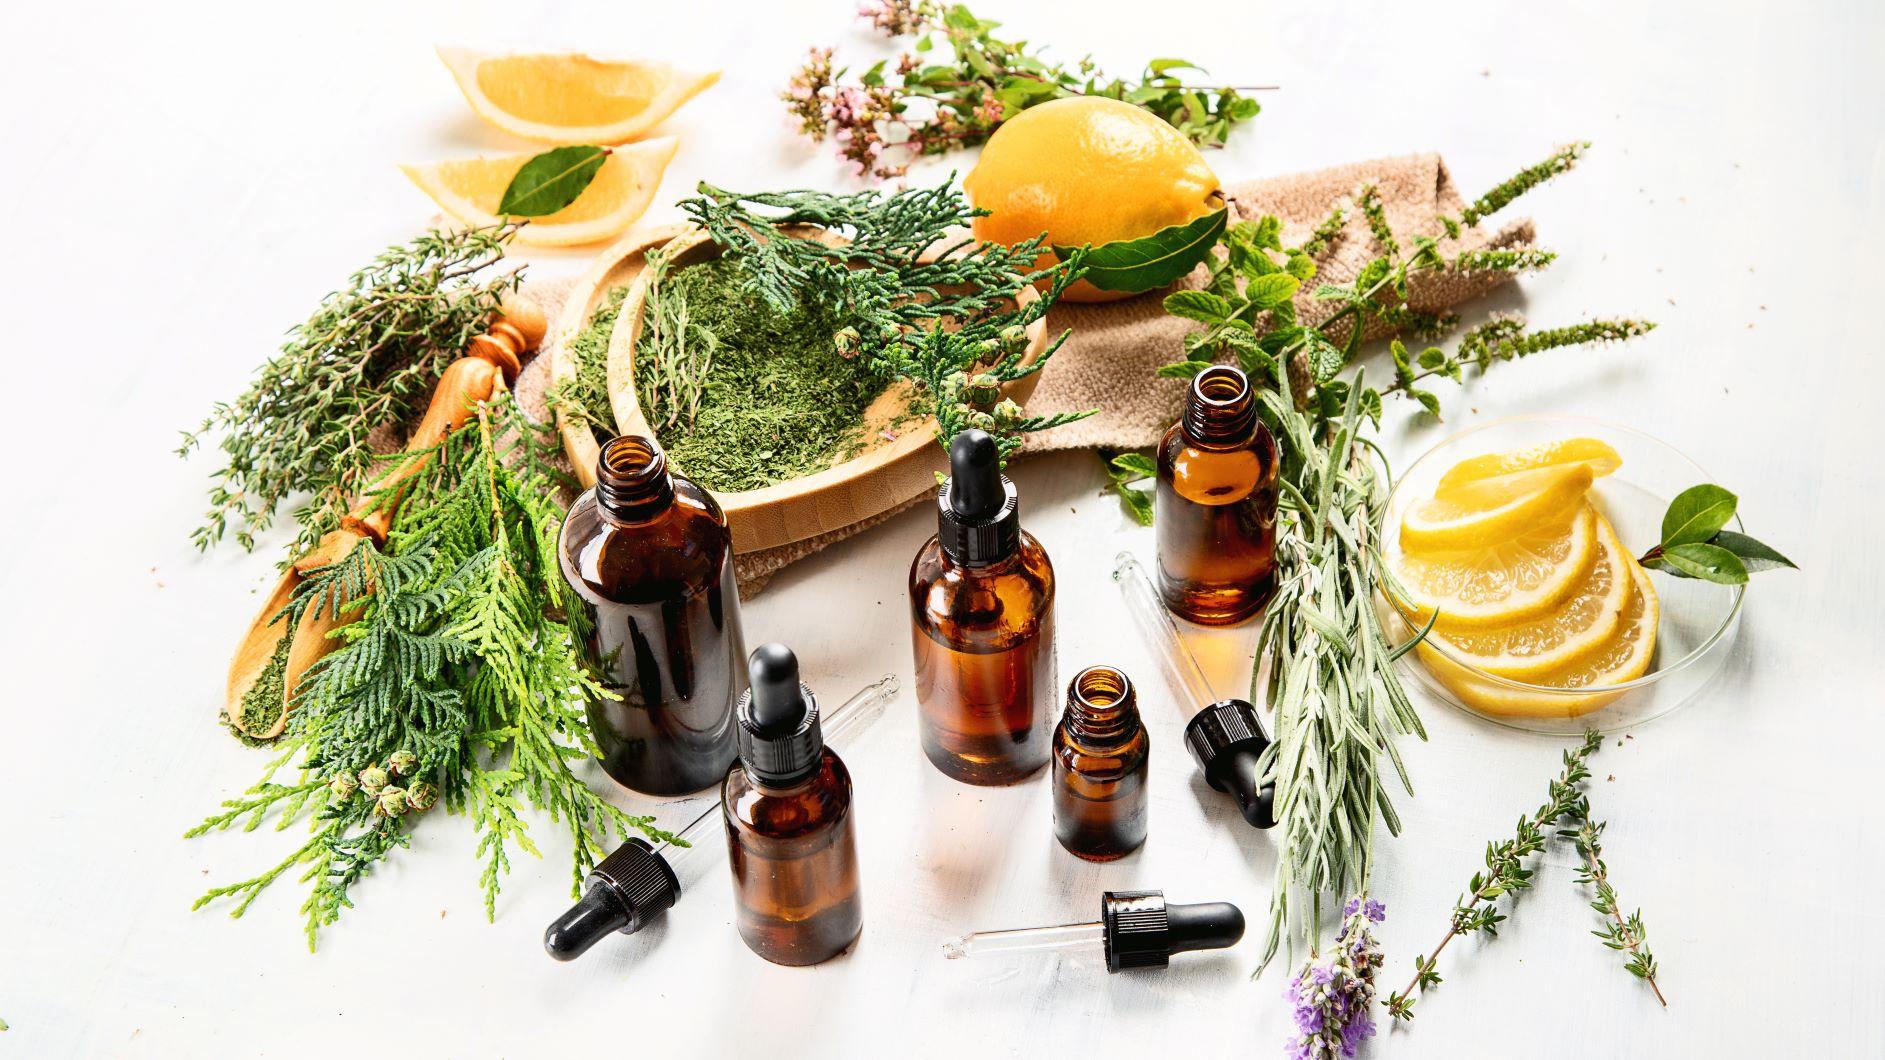 Эфирные и ароматические масла для бани, состав, свойства, использование